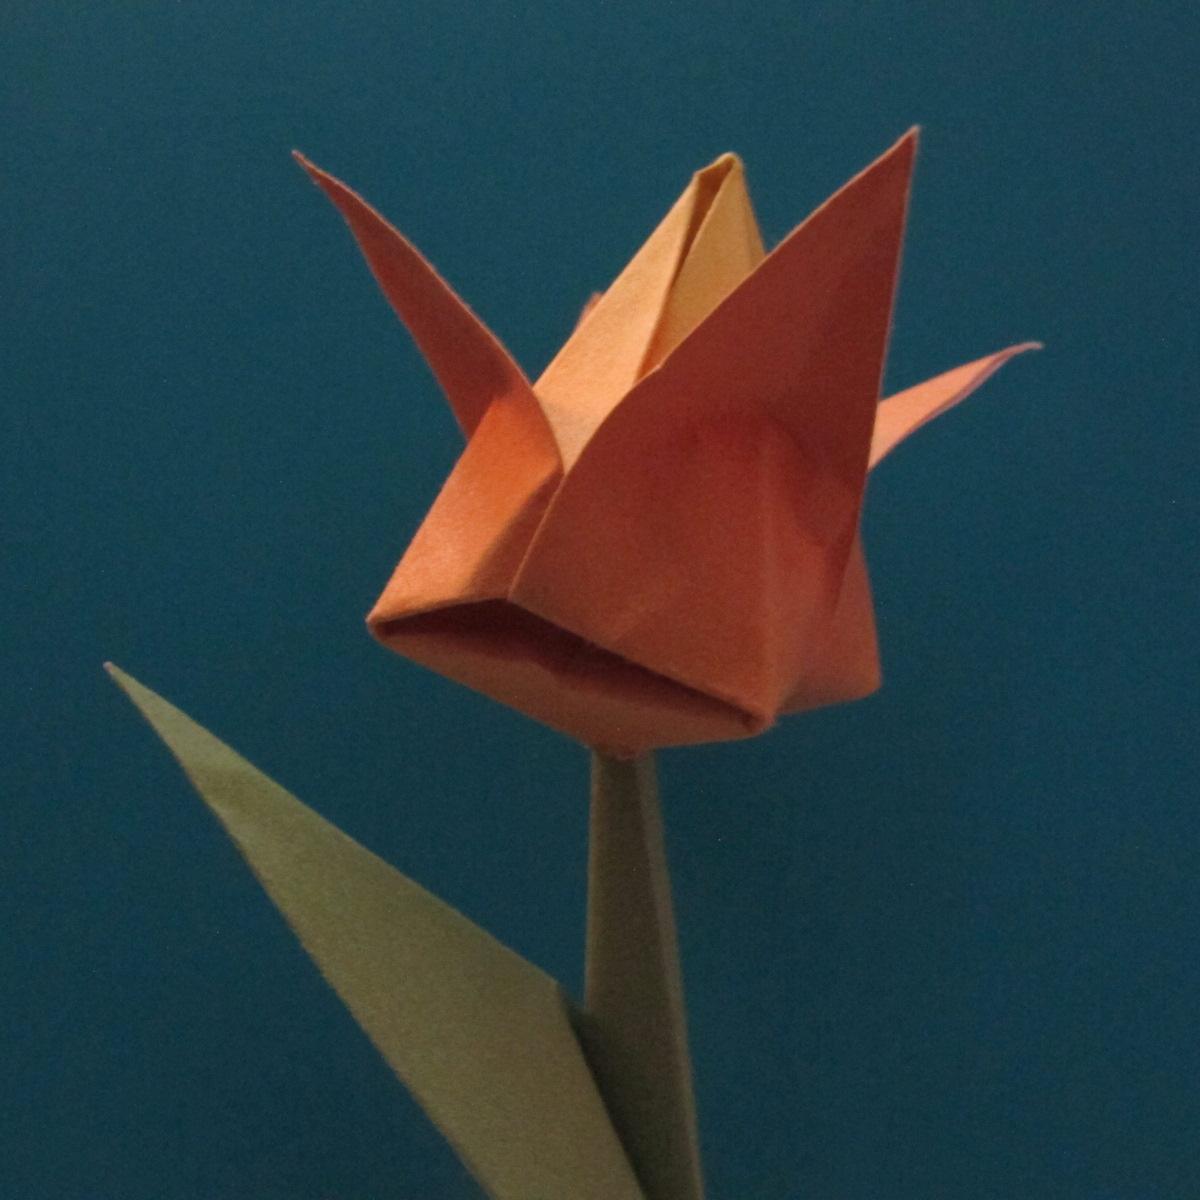 วิธีพับกระดาษเป็นดอกทิวลิป 027